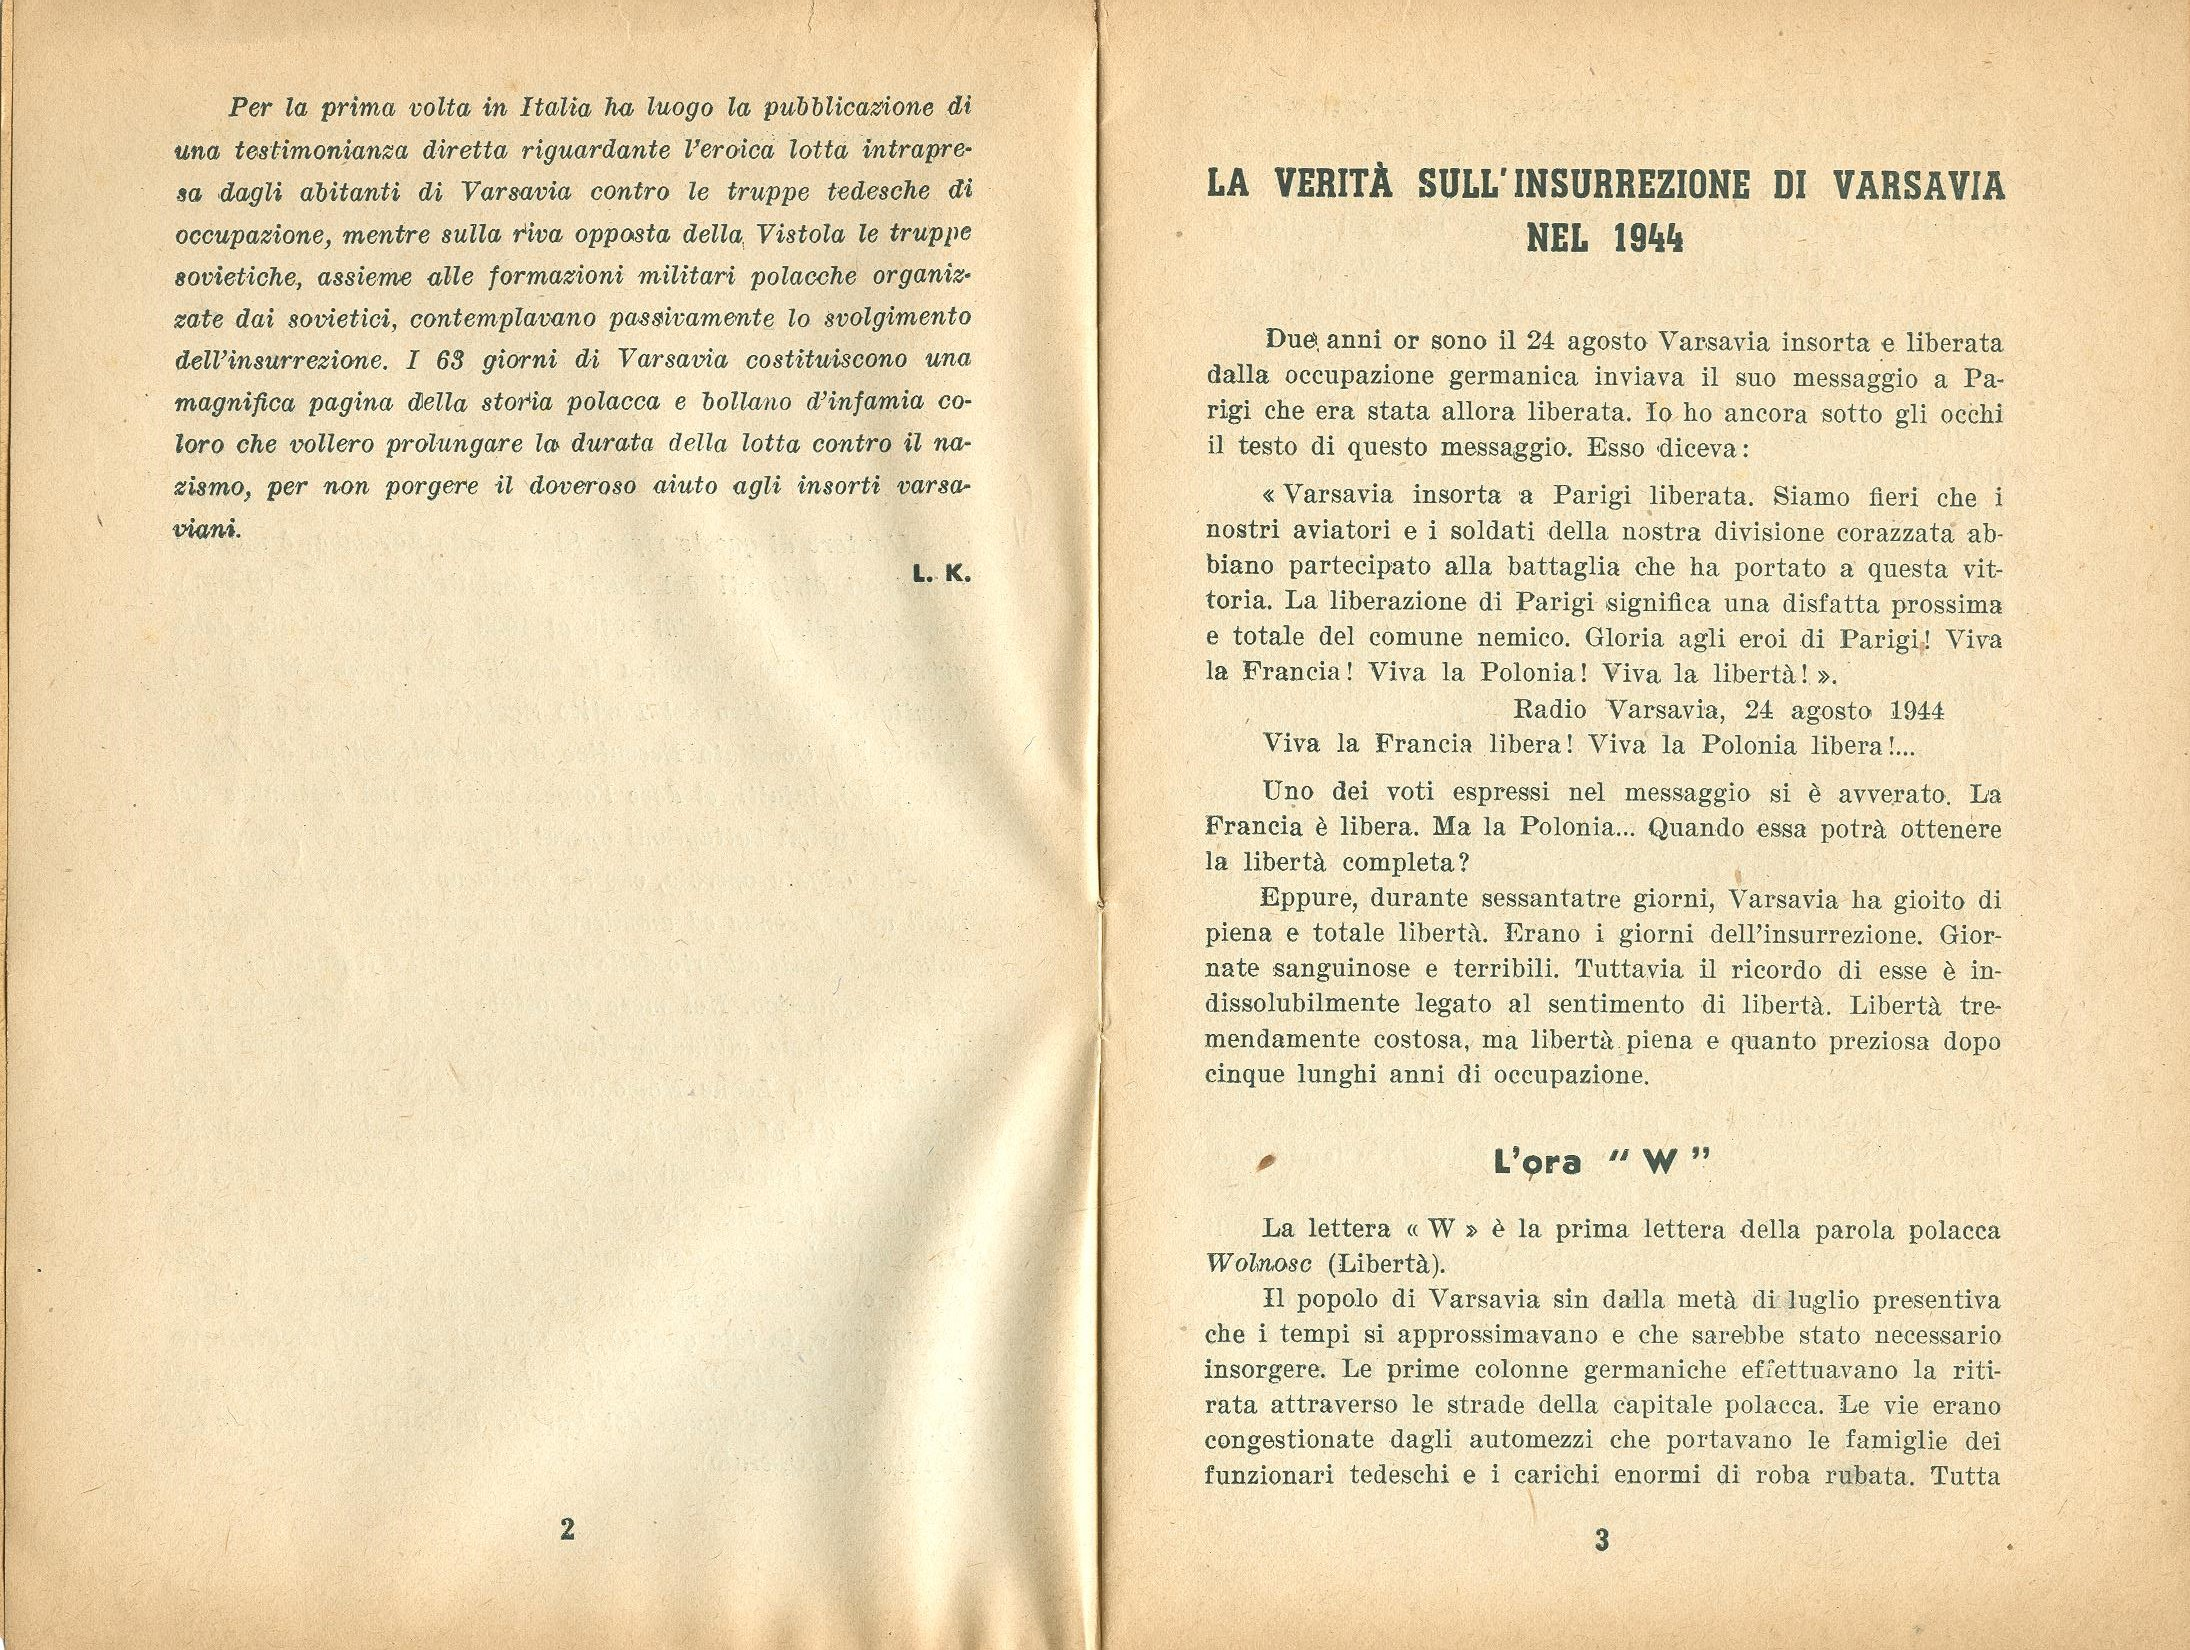 Zygmunt Zaremba, La verità sull'insurrezione di Varsavia nel 1944 (1946) - pag. 3